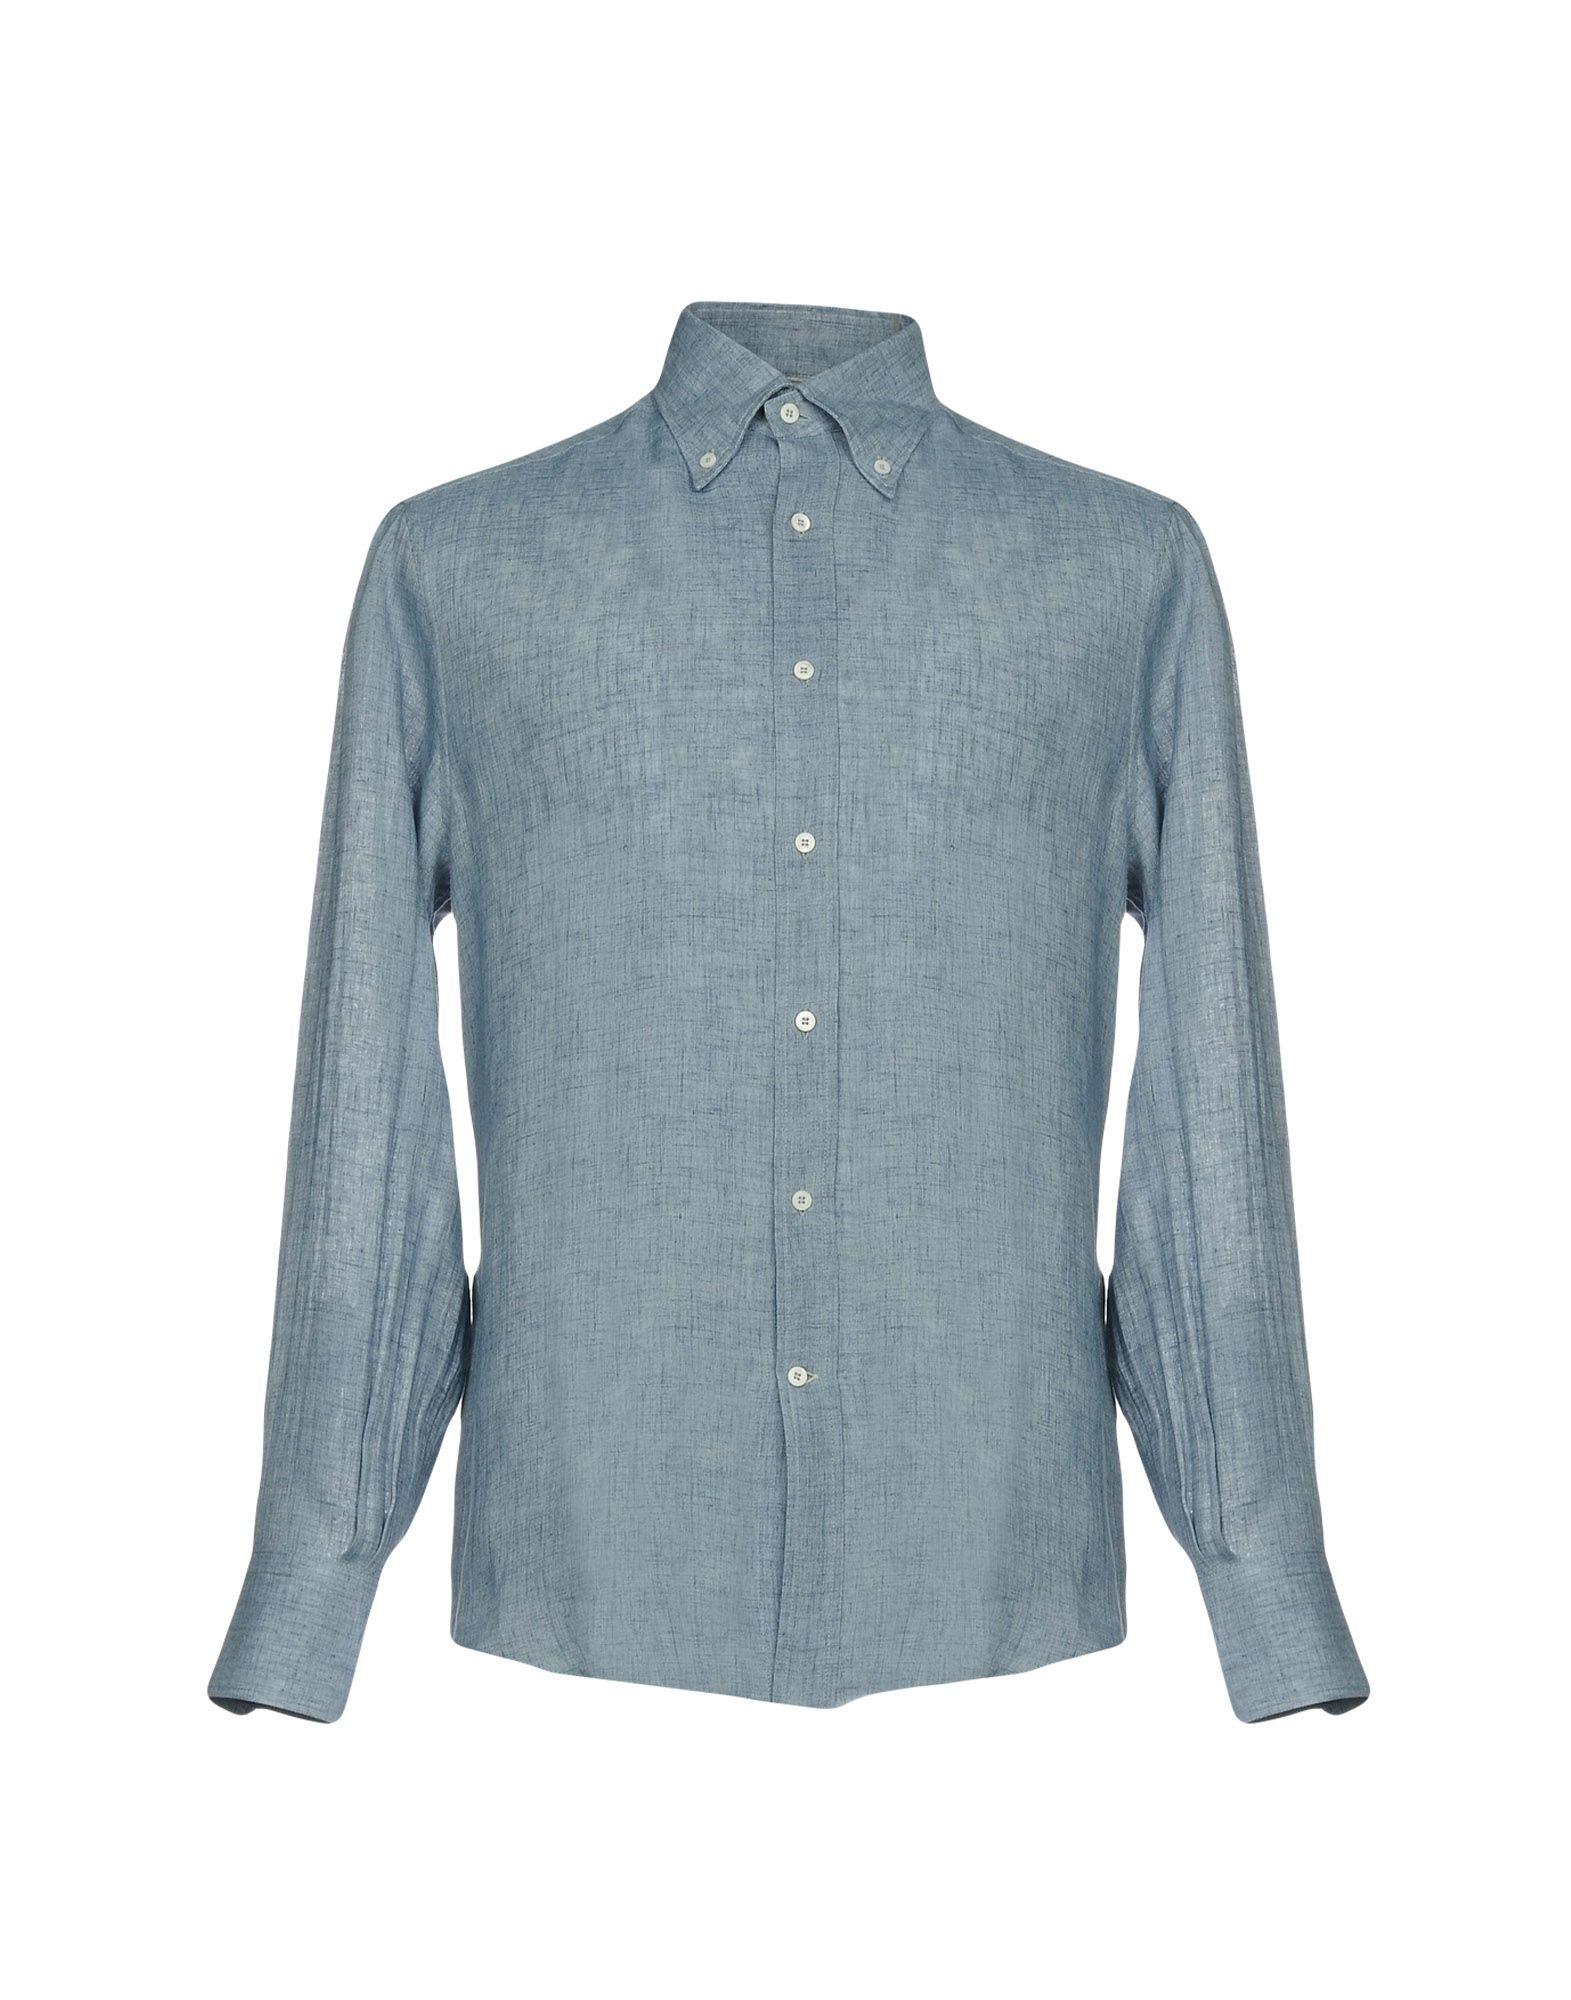 цена на BRUNELLO CUCINELLI Джинсовая рубашка